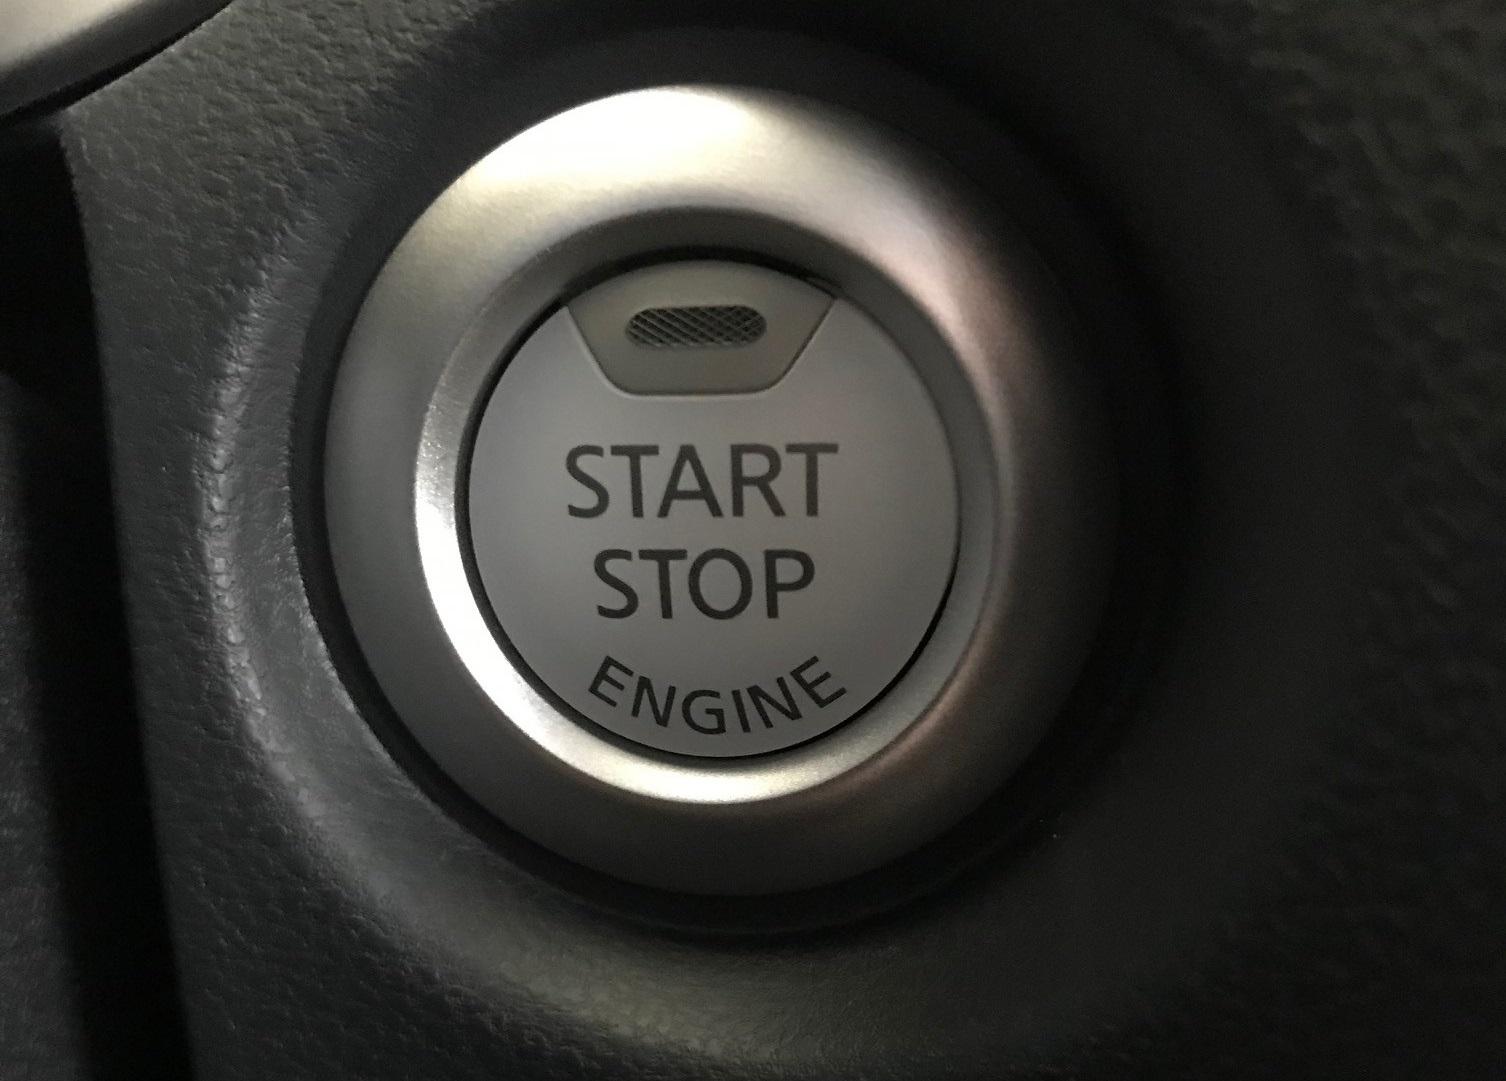 new_avto-536492343.jpg